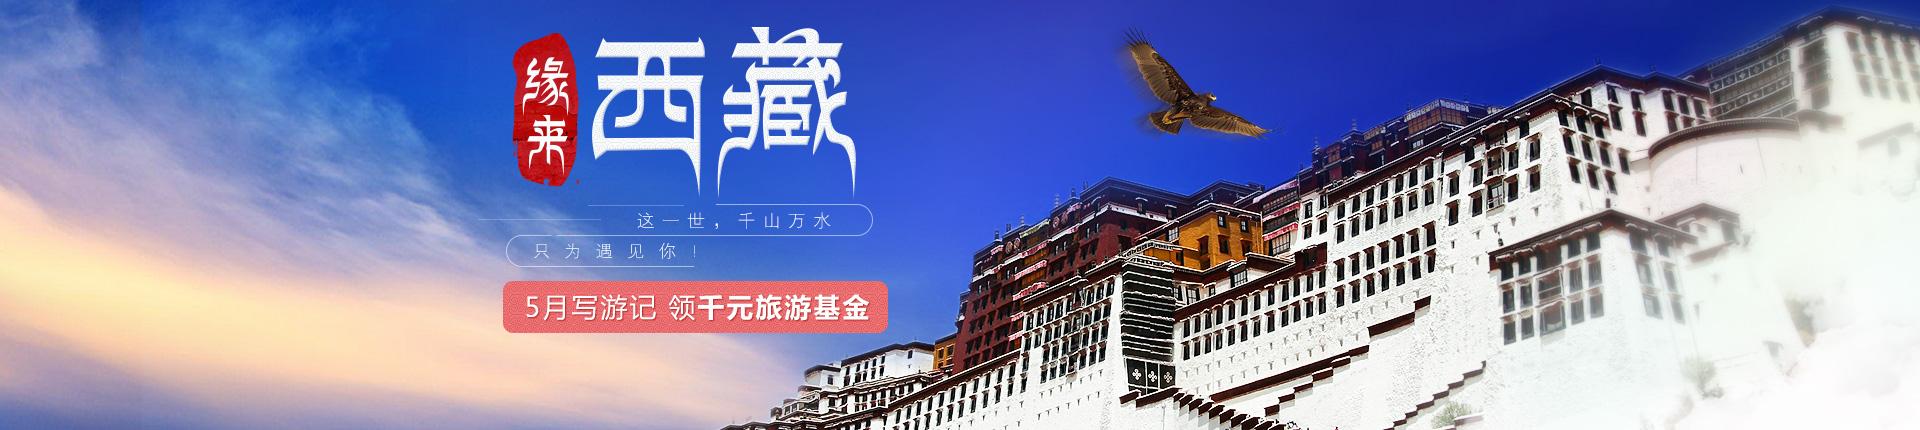 5月写游记 领千元旅游基金